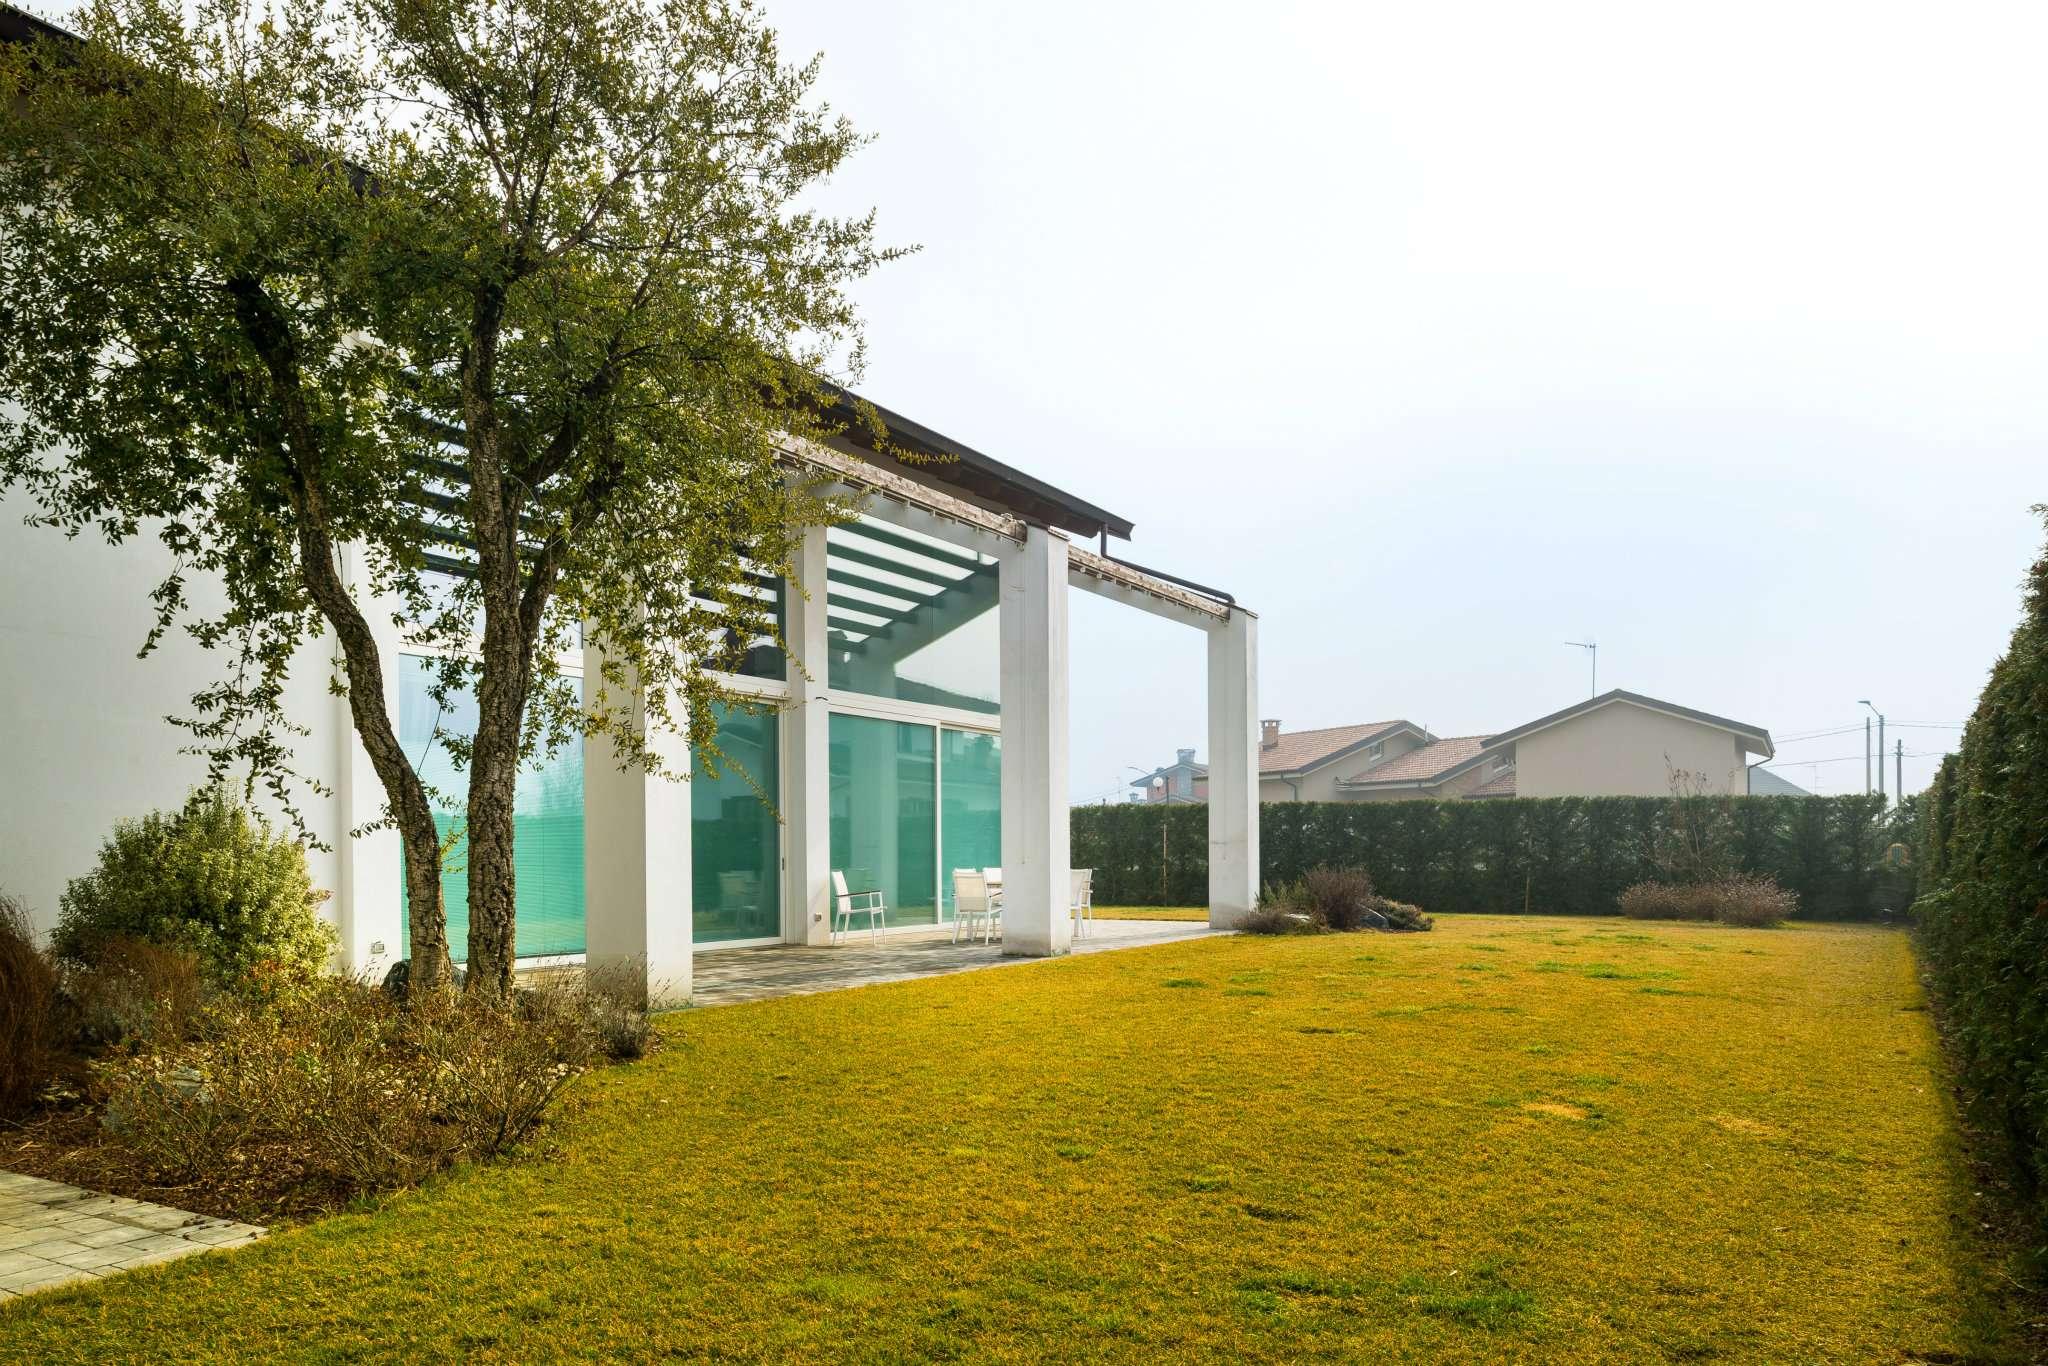 Villa in vendita a Villafranca Piemonte, 9999 locali, Trattative riservate | Cambio Casa.it